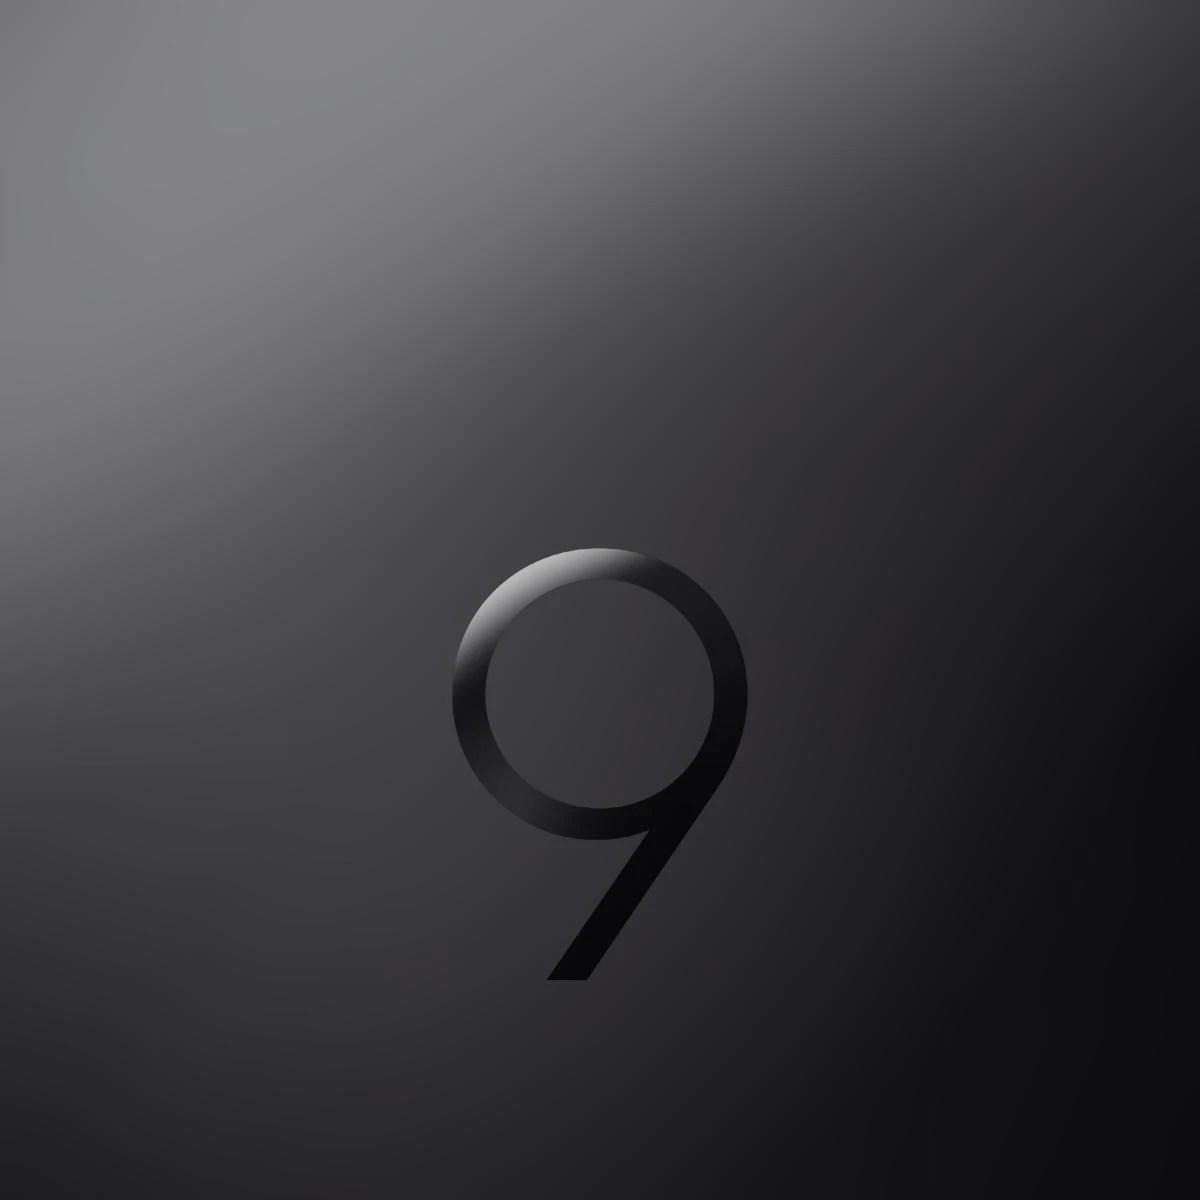 بإمكانك الآن تحميل خلفيات جالكسي S9 S9 بلس بدقتها العالية تيك فويس